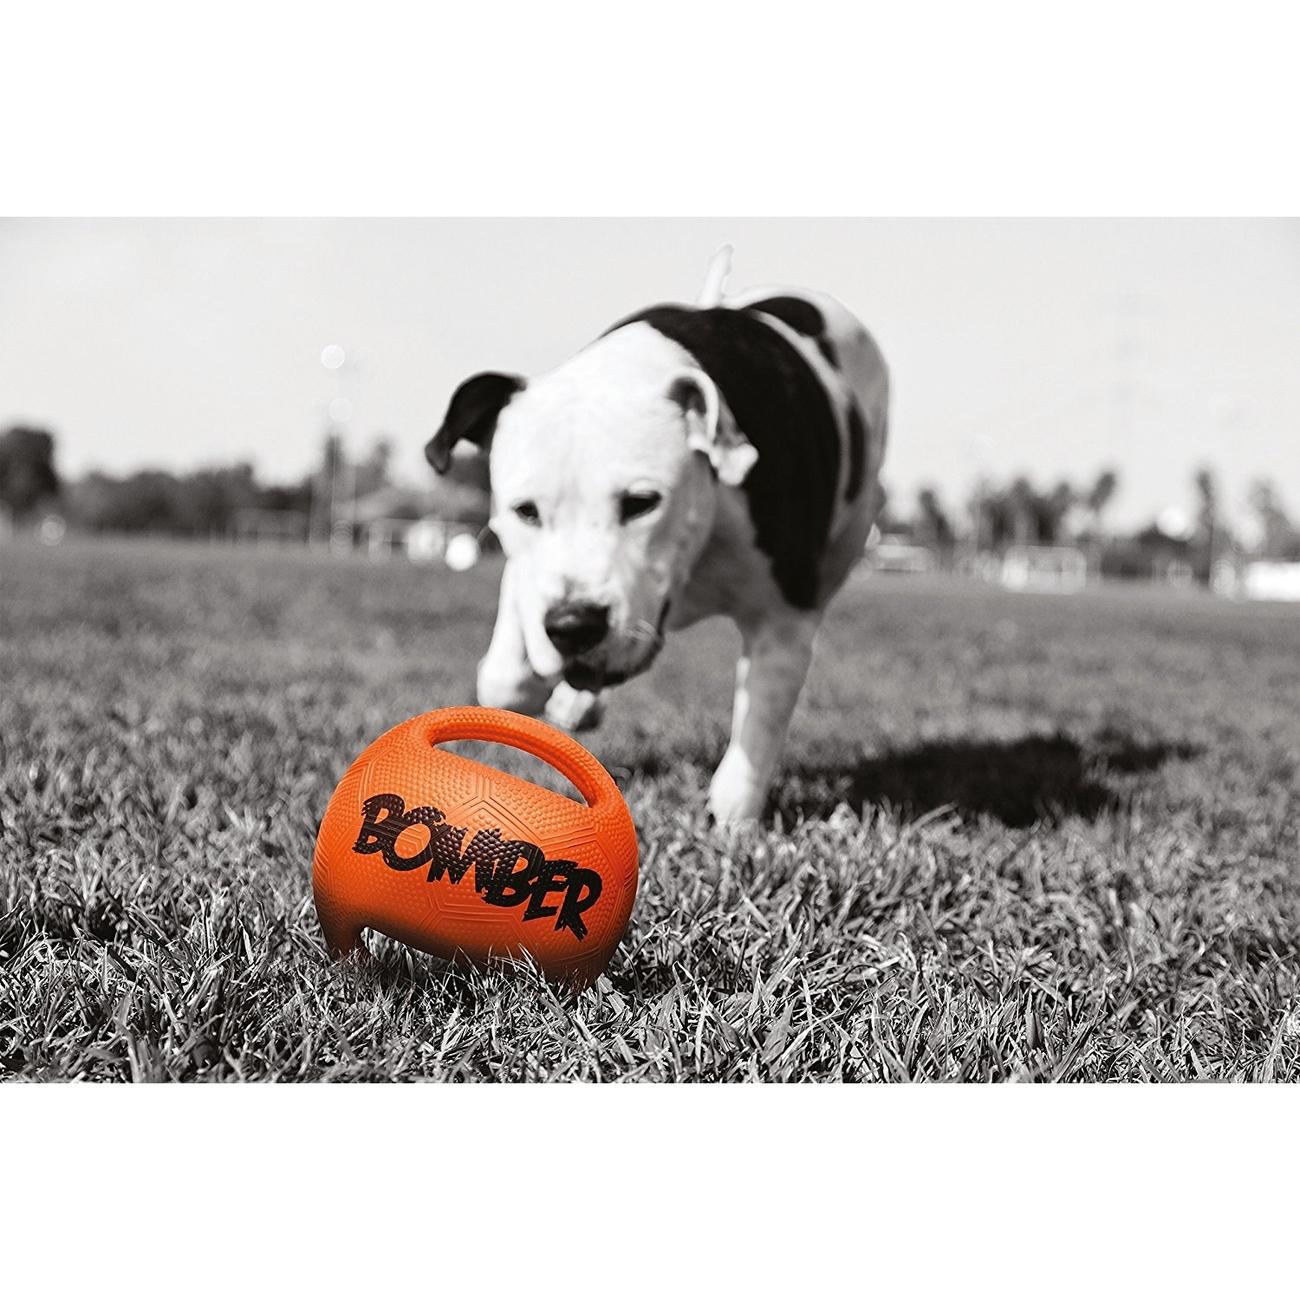 Bomber Hundespielzeug, Bild 6